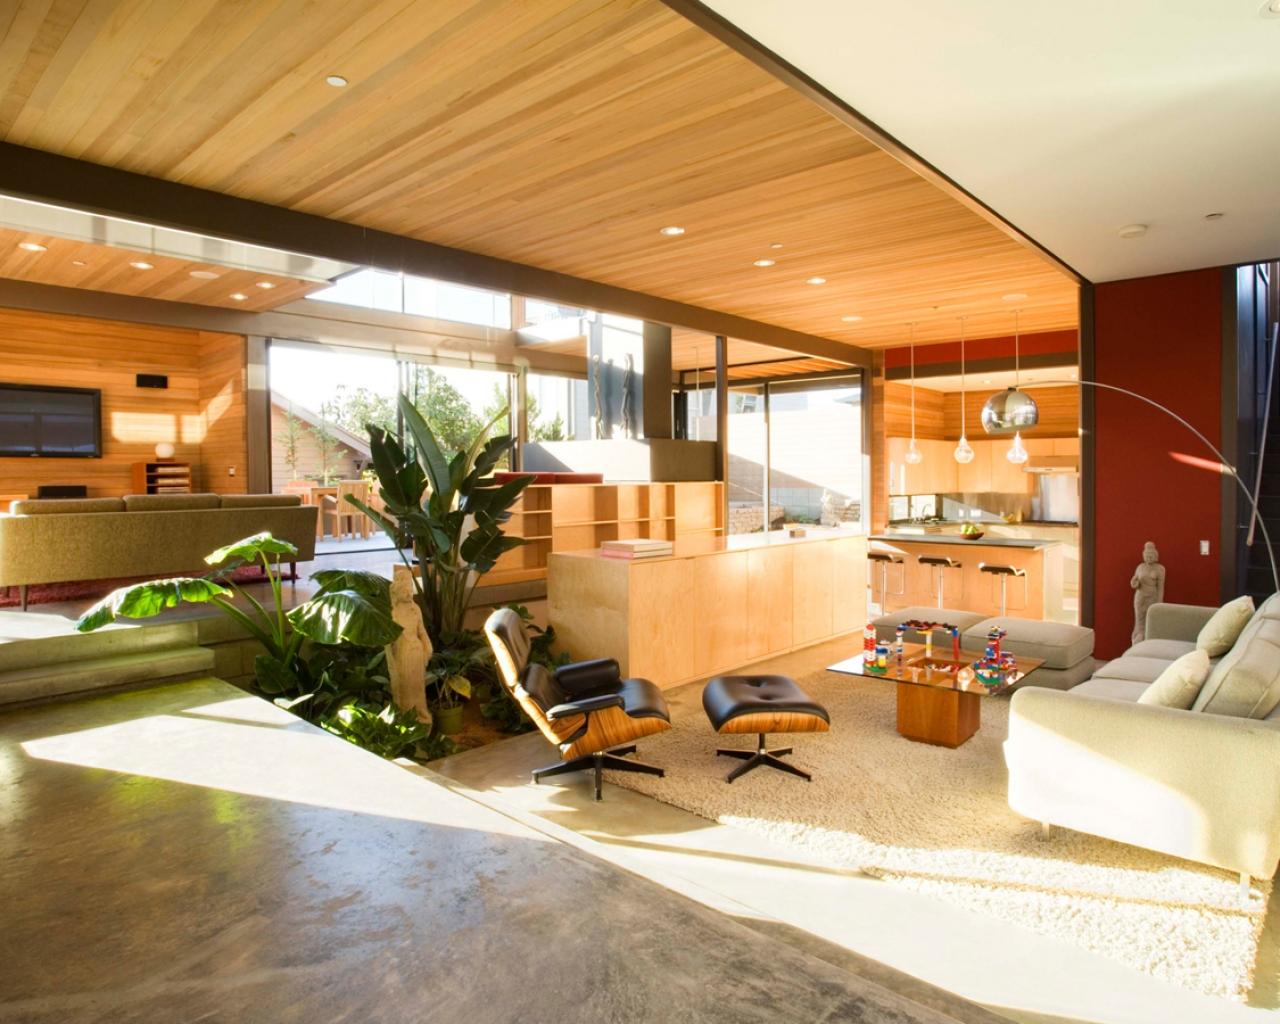 Dise o interior de una casa hd 1280x1024 imagenes - Diseno de una casa ...